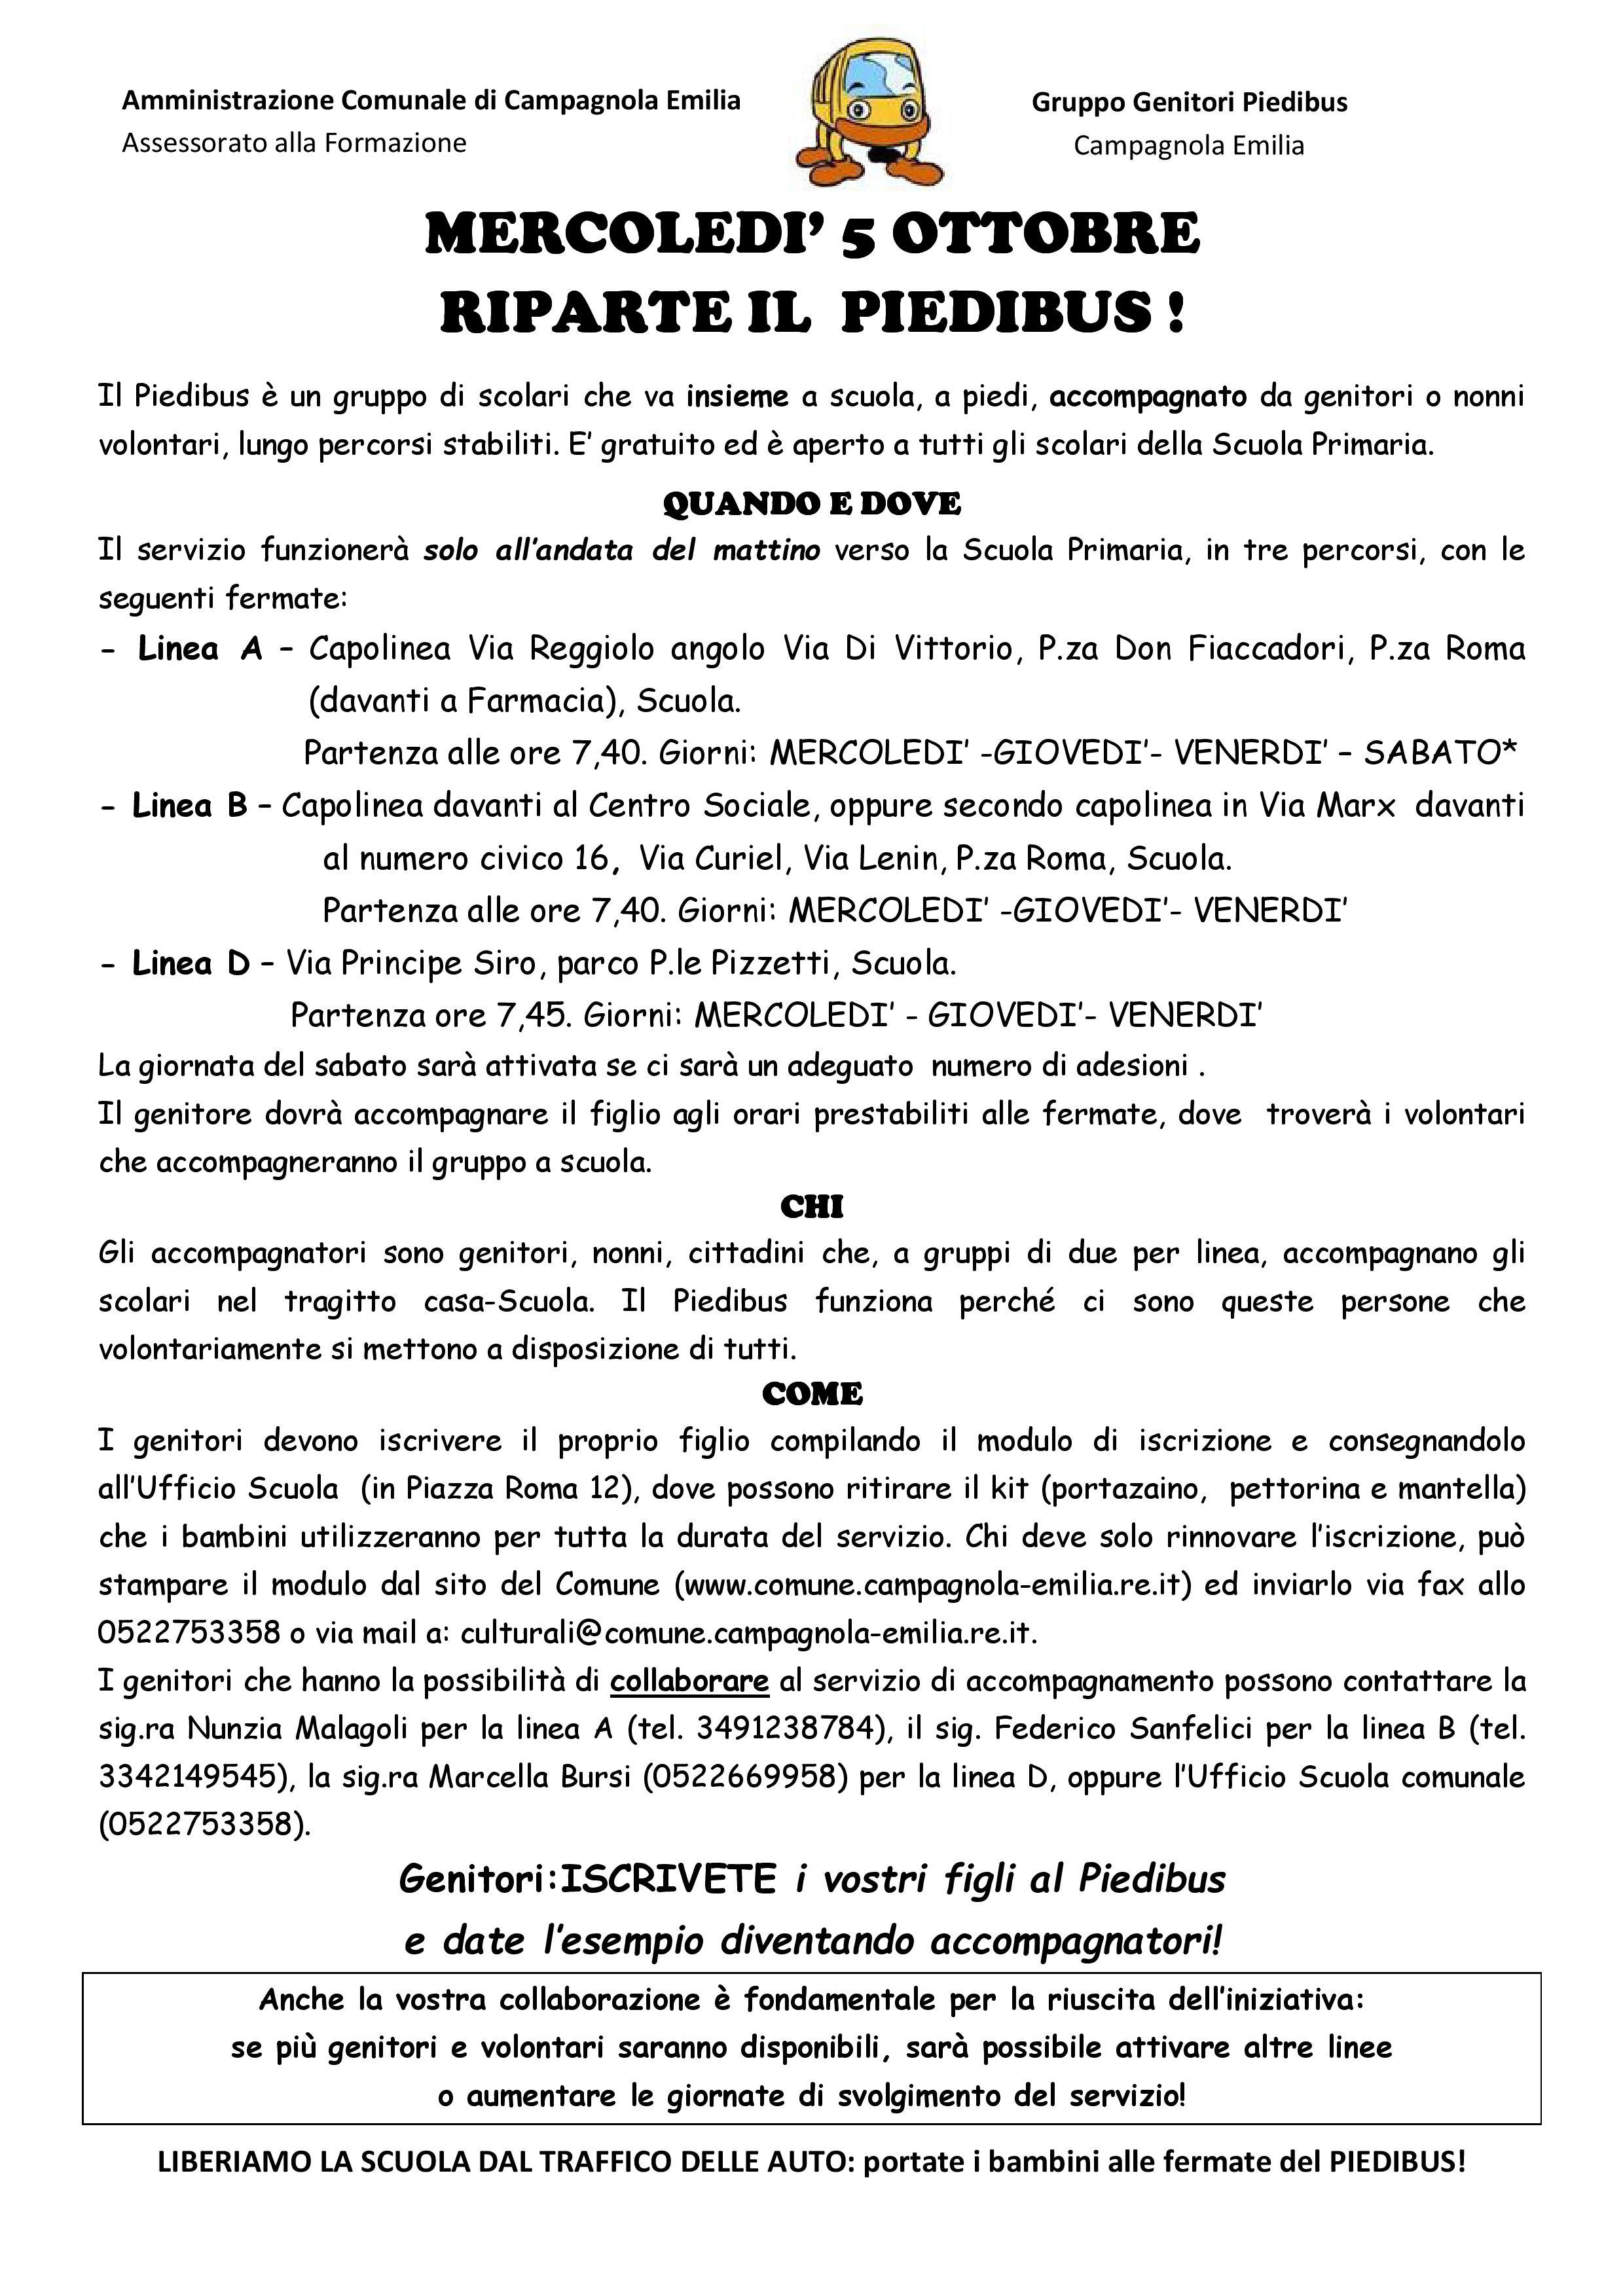 volantinopiedibus-20161-page-001